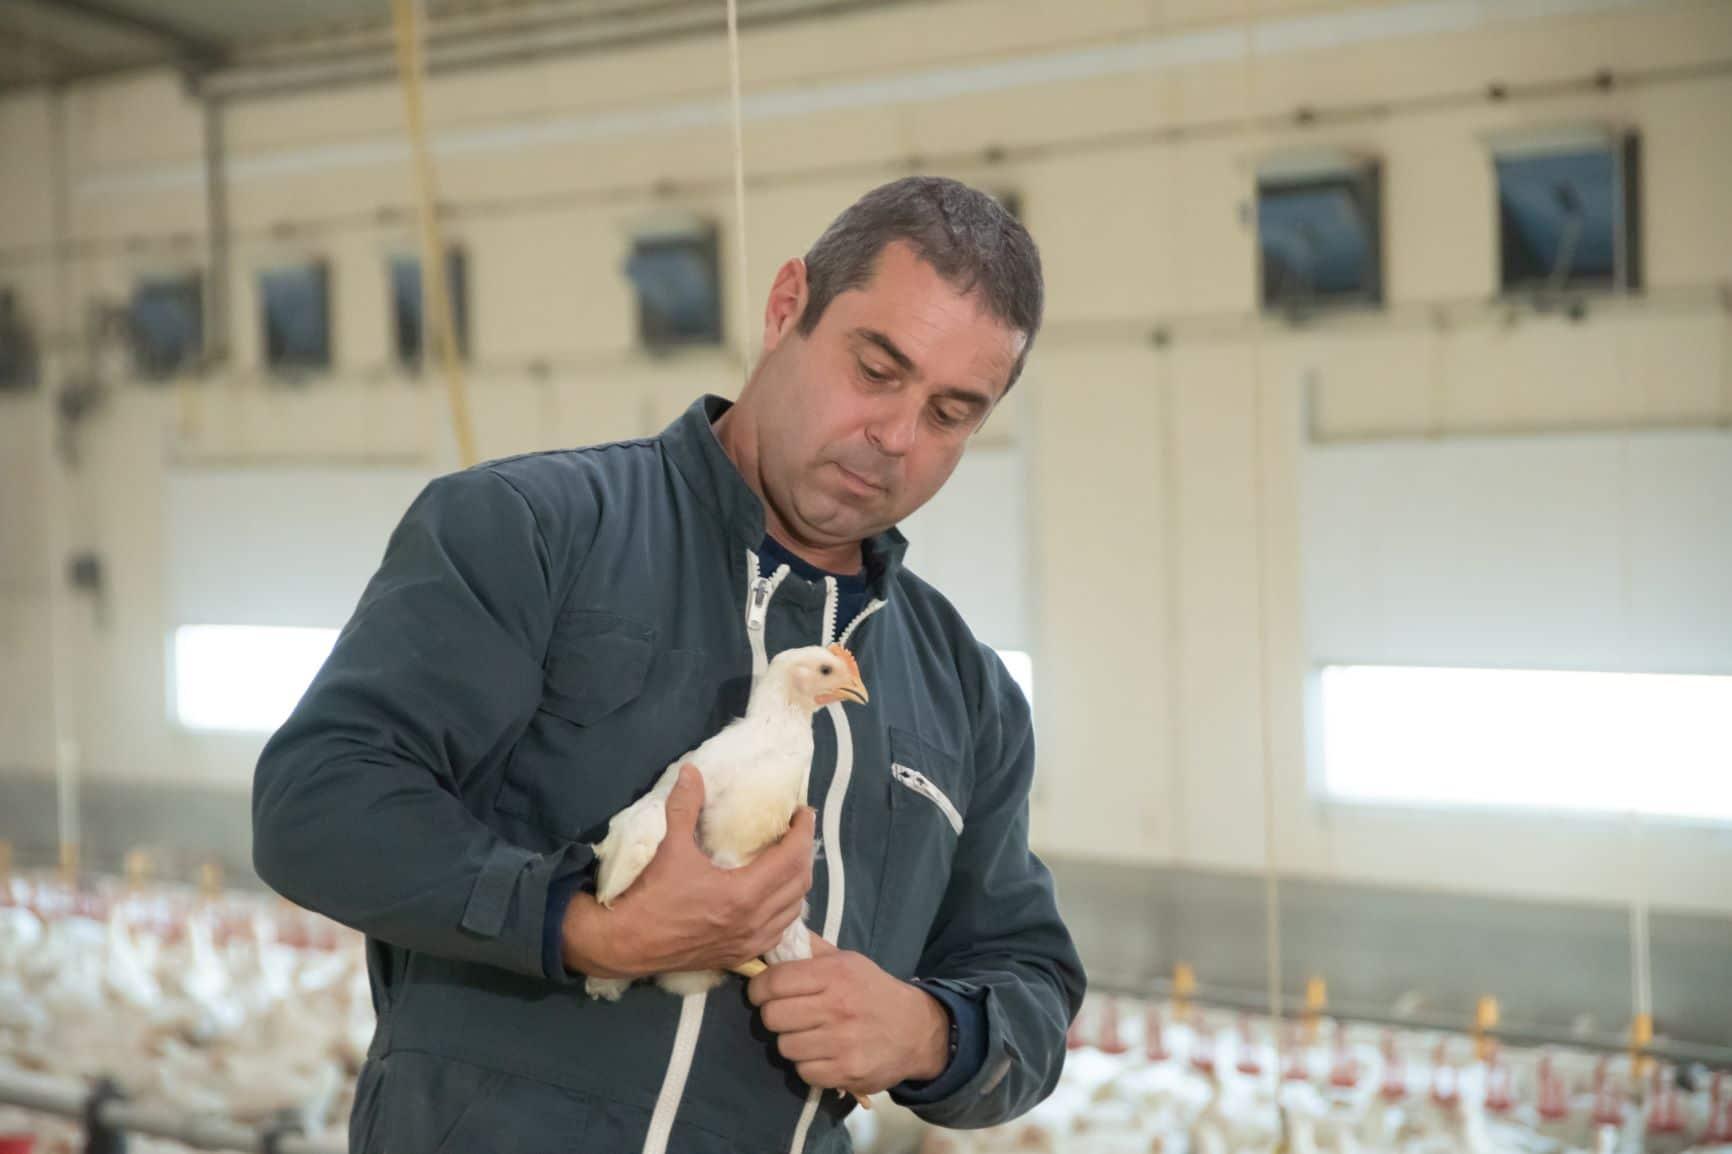 les éleveurs de volaille travaillent dans le respect de l'environnement et du bien-être animal.